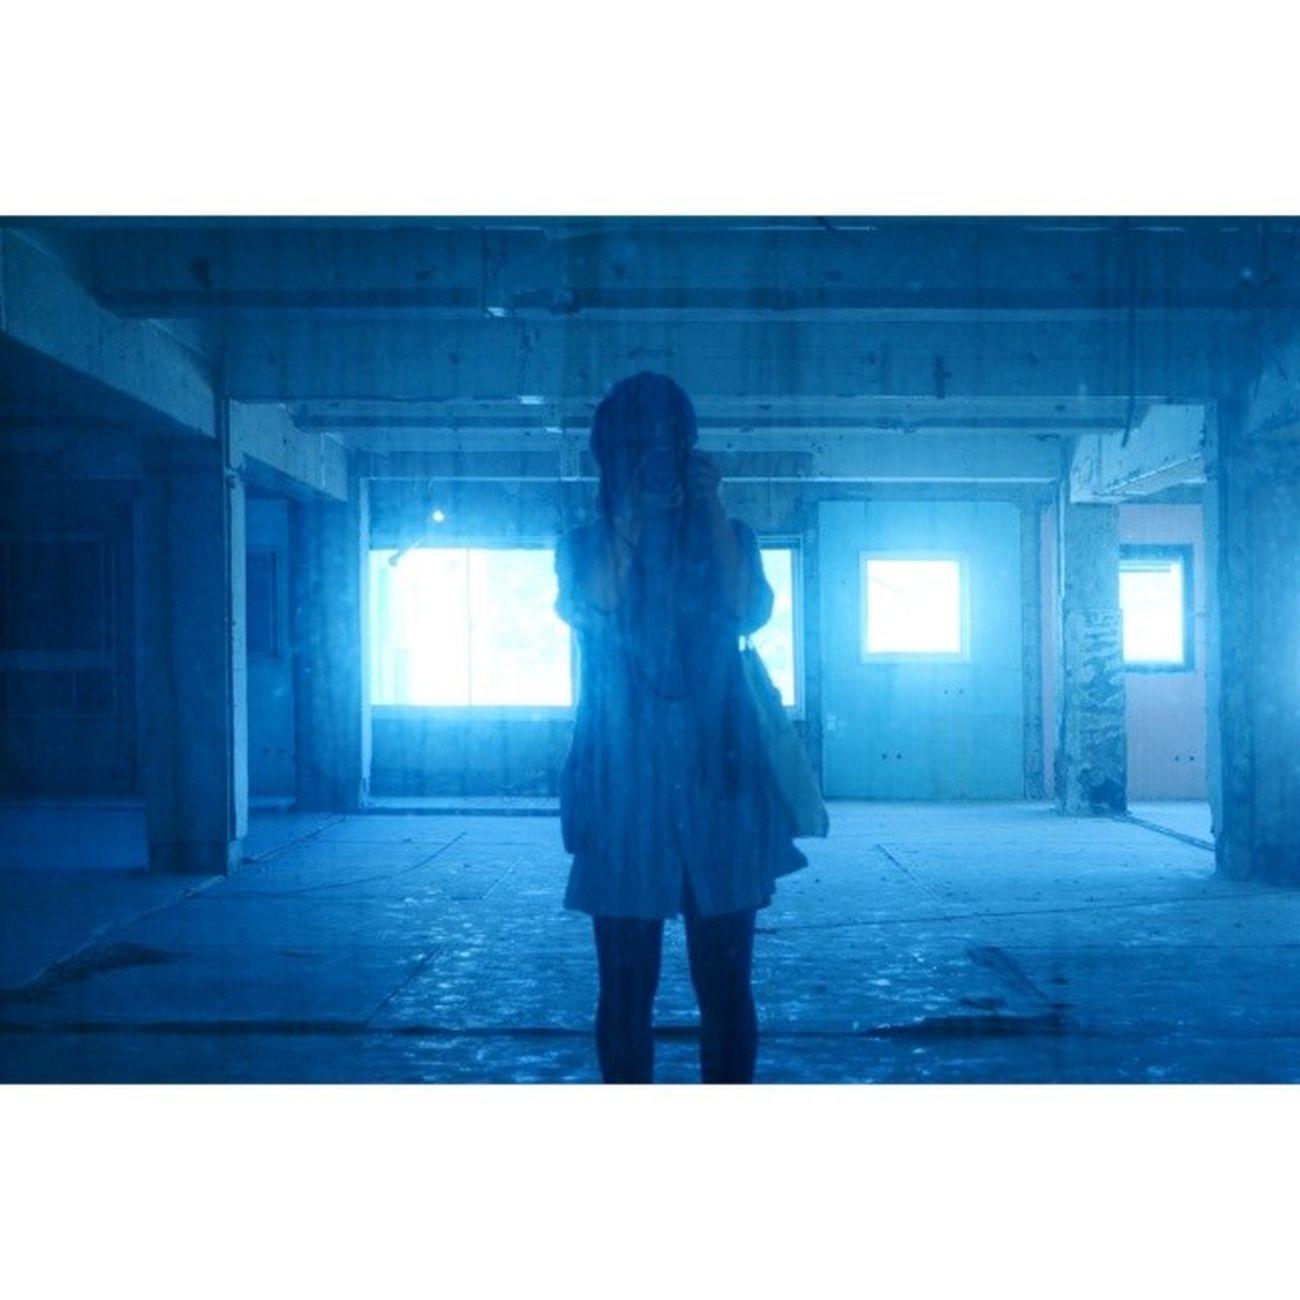 * 廃墟ガール風?な私です。 大きな鏡があったのでパシャリ。 …変なもの写ってないよね(汗) 鏡の汚れがリアルですな〜 廃墟ガール 廃墟 ? 鏡 ポートレート 自分 私 カメラ女子 長崎 光 青 ruins mirror portrait me cameragirl nagasaki light blue